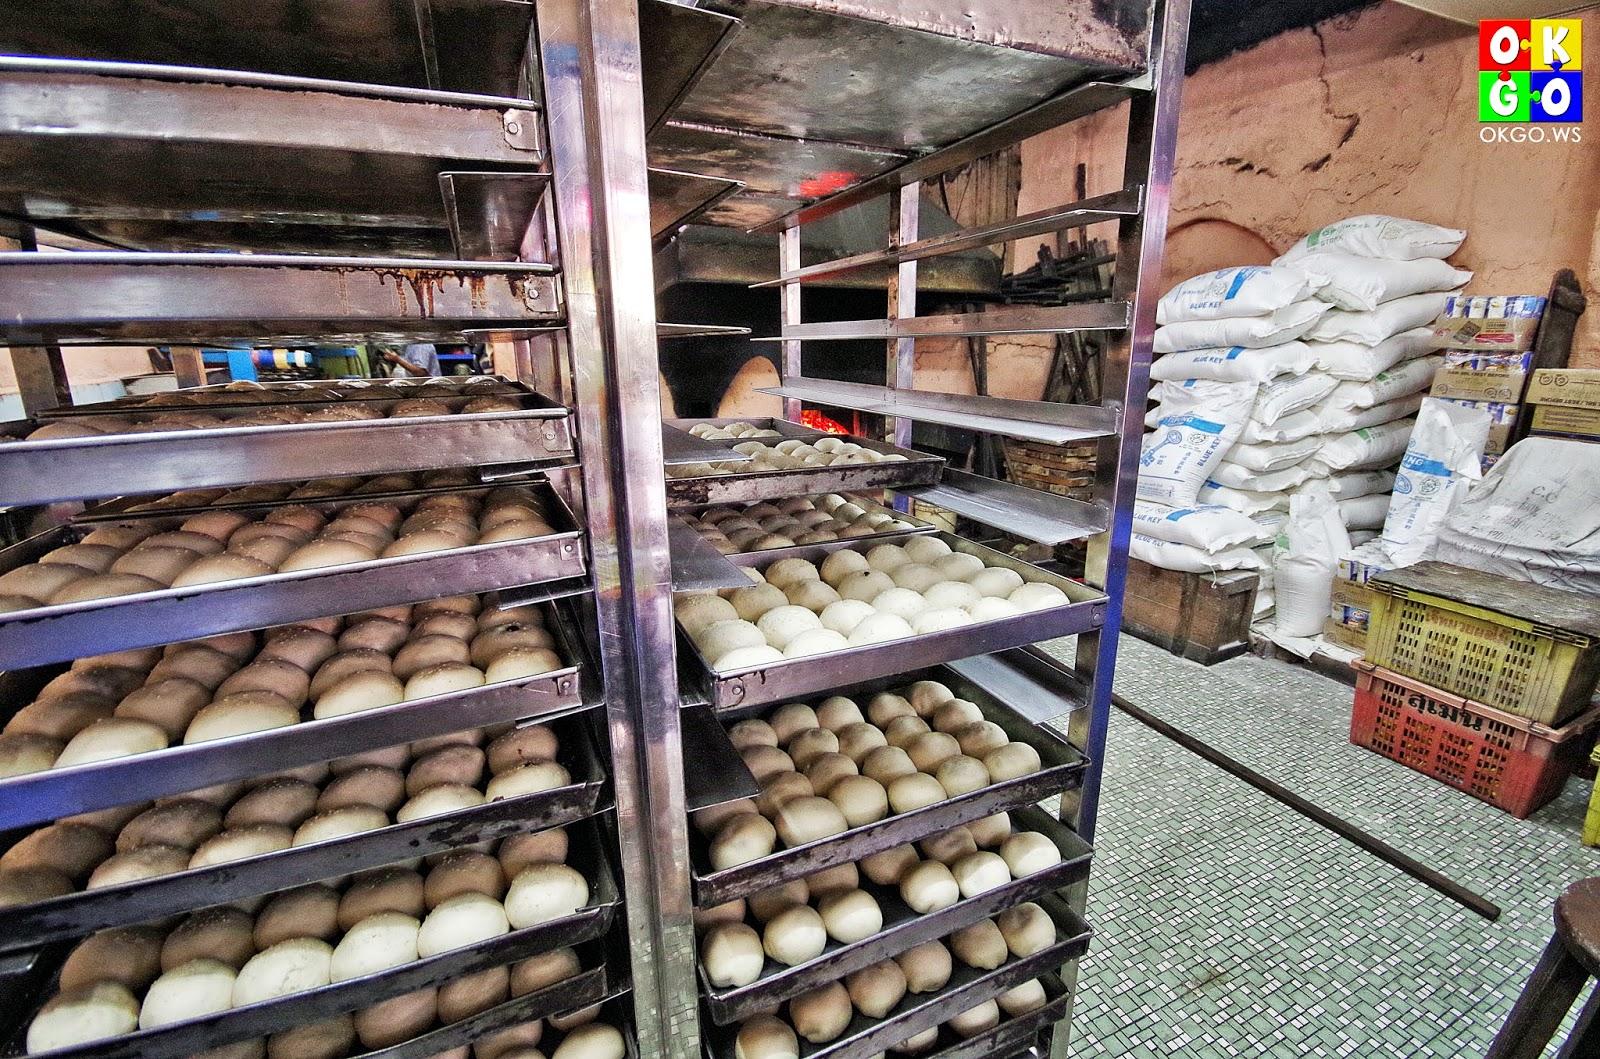 Jalan Tan Hiok Nee Hiap Joo Bakery